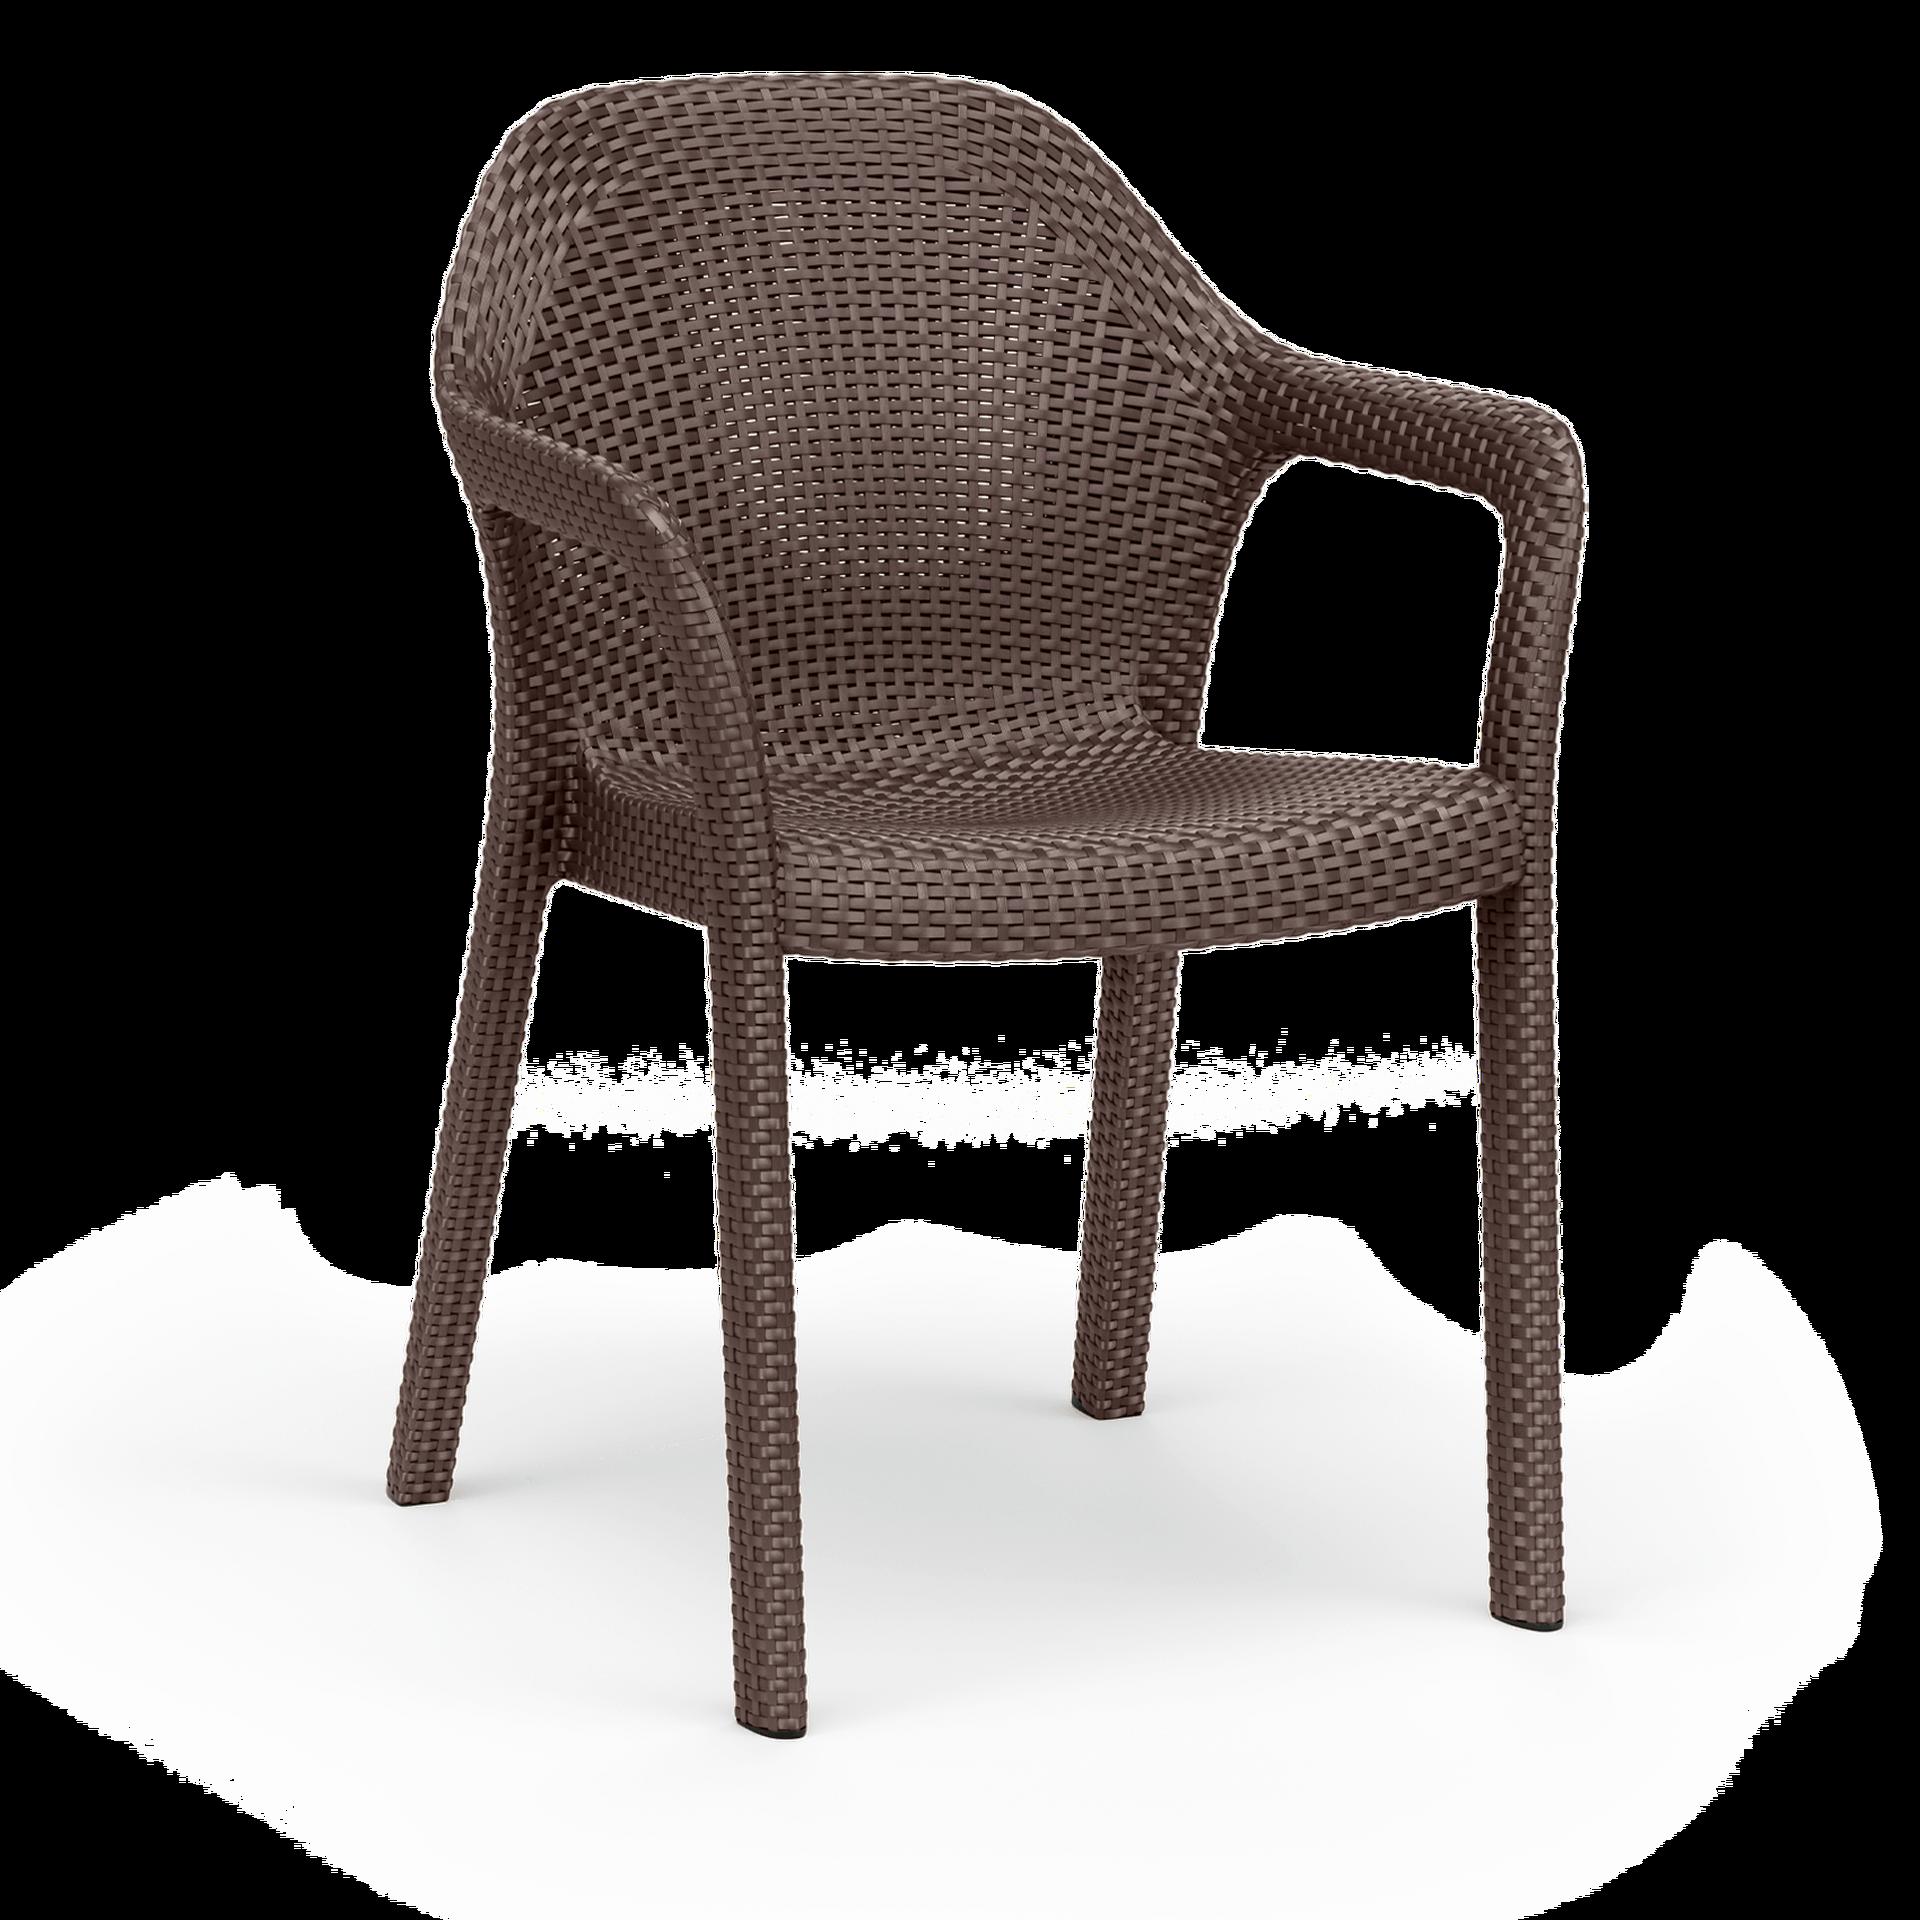 Στοιβαζόμενη καρέκλα mocha